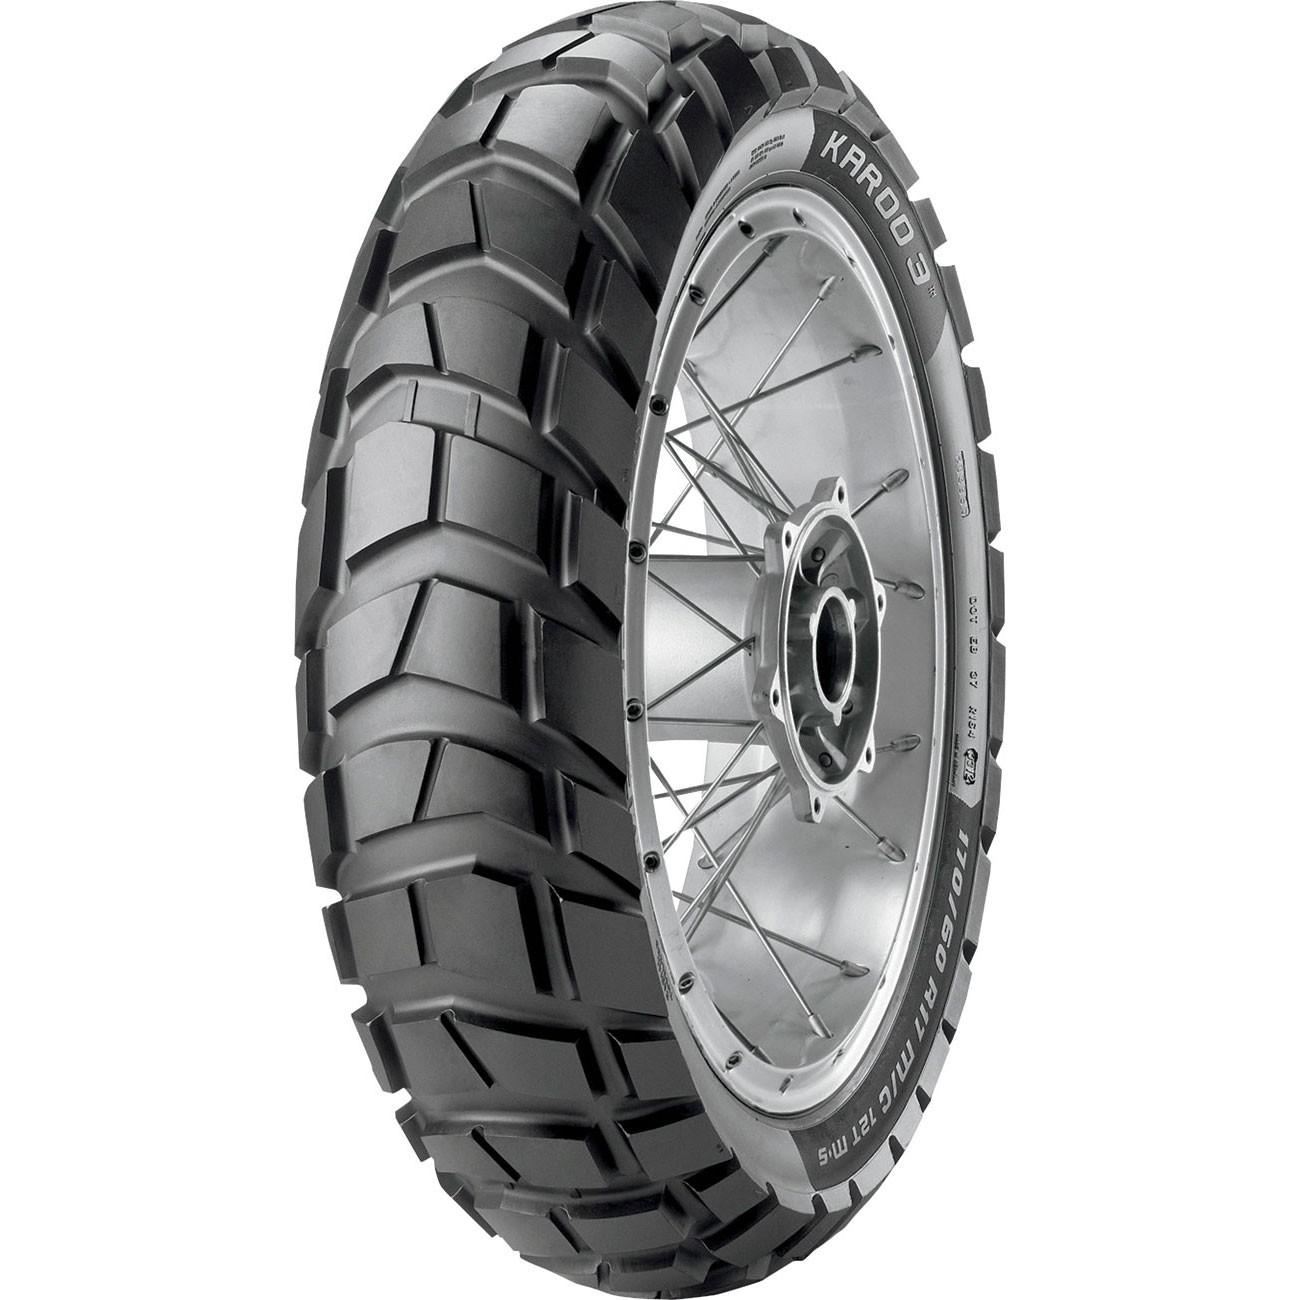 Metzeler Karoo 3 150/70 17 Tubeless 69 V Rear Two-Wheeler Tyre